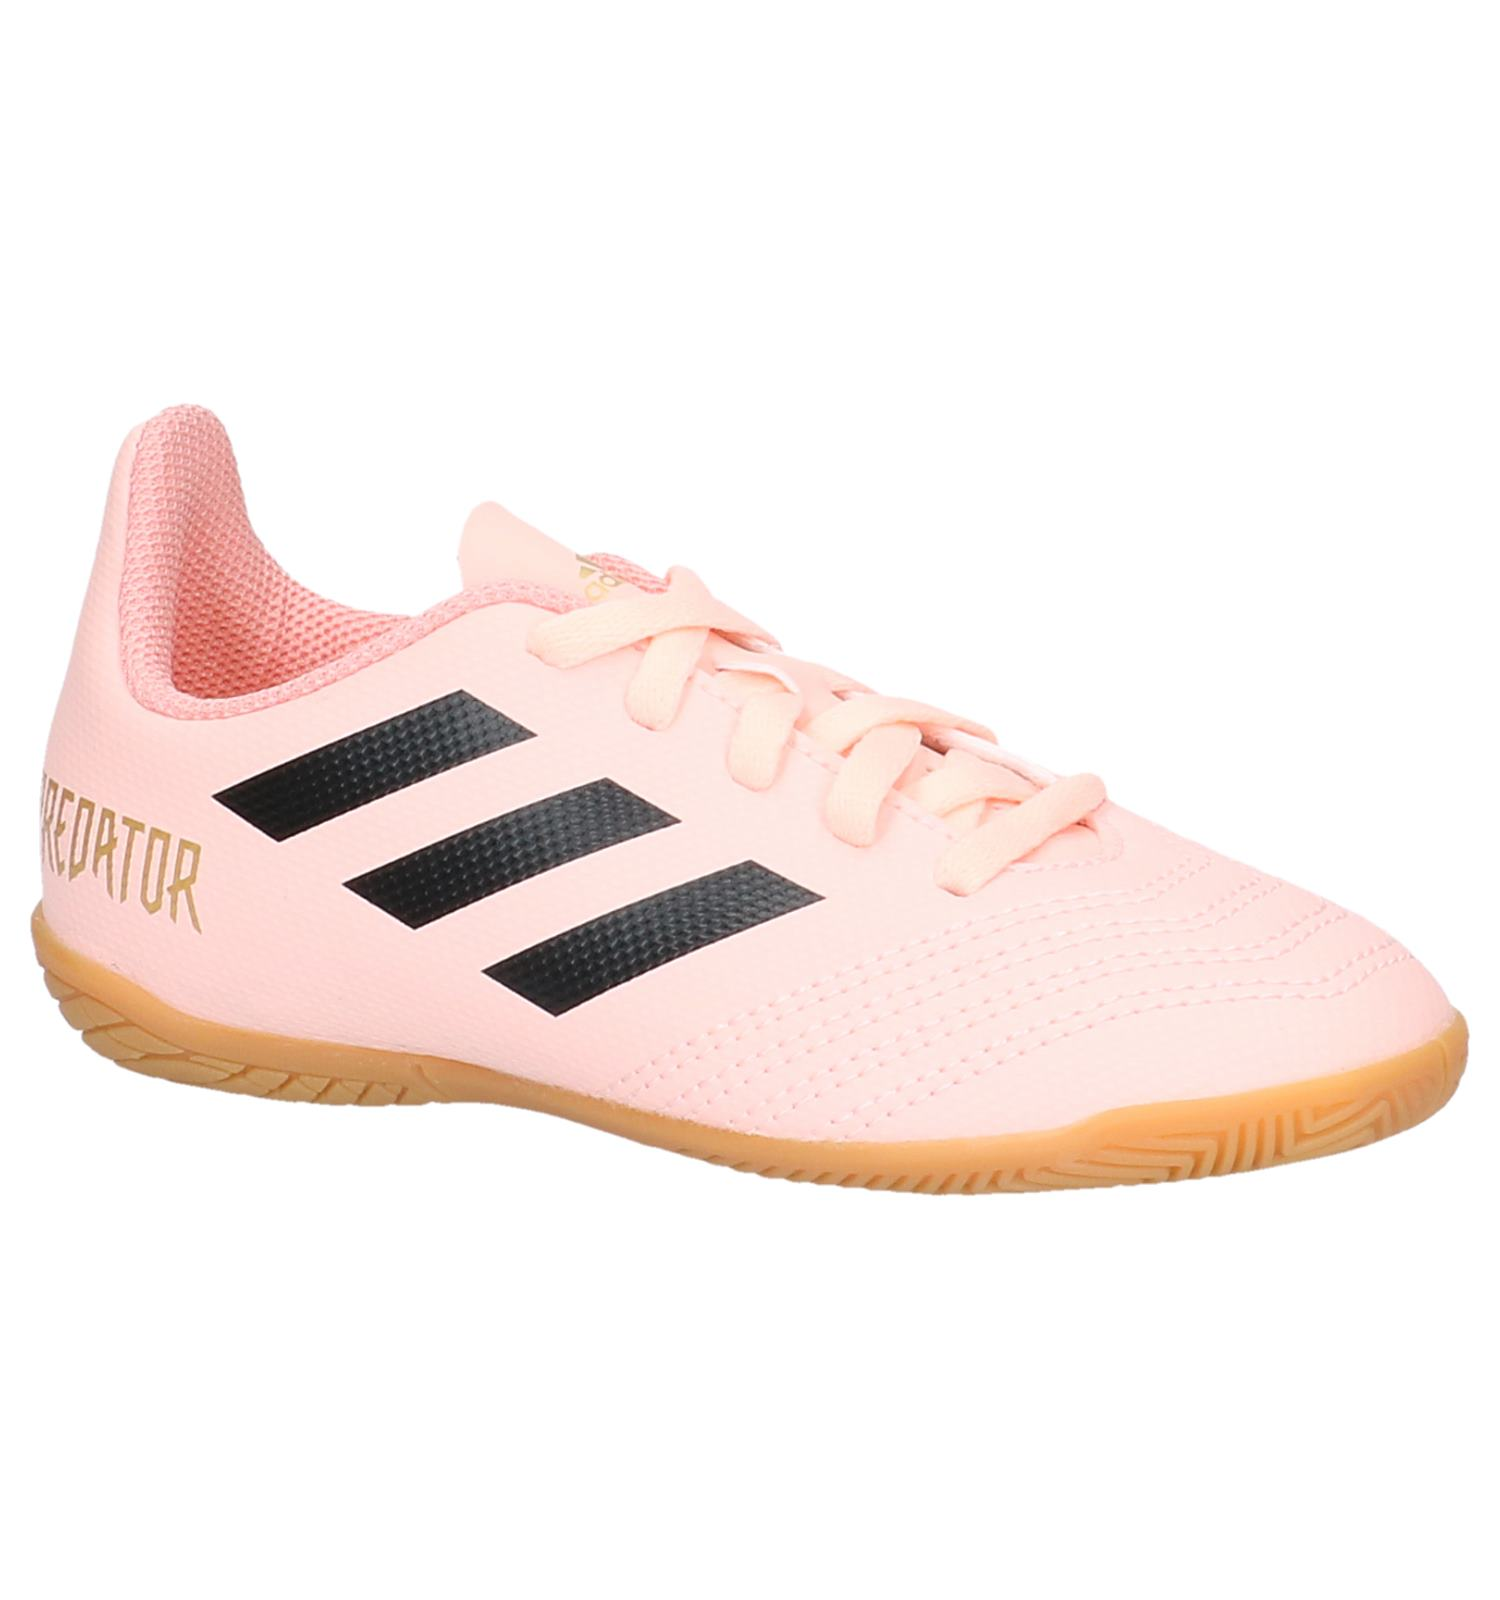 8f99257286 adidas Chaussures de foot (Rose saumon) | TORFS.BE | Livraison et retour  gratuits